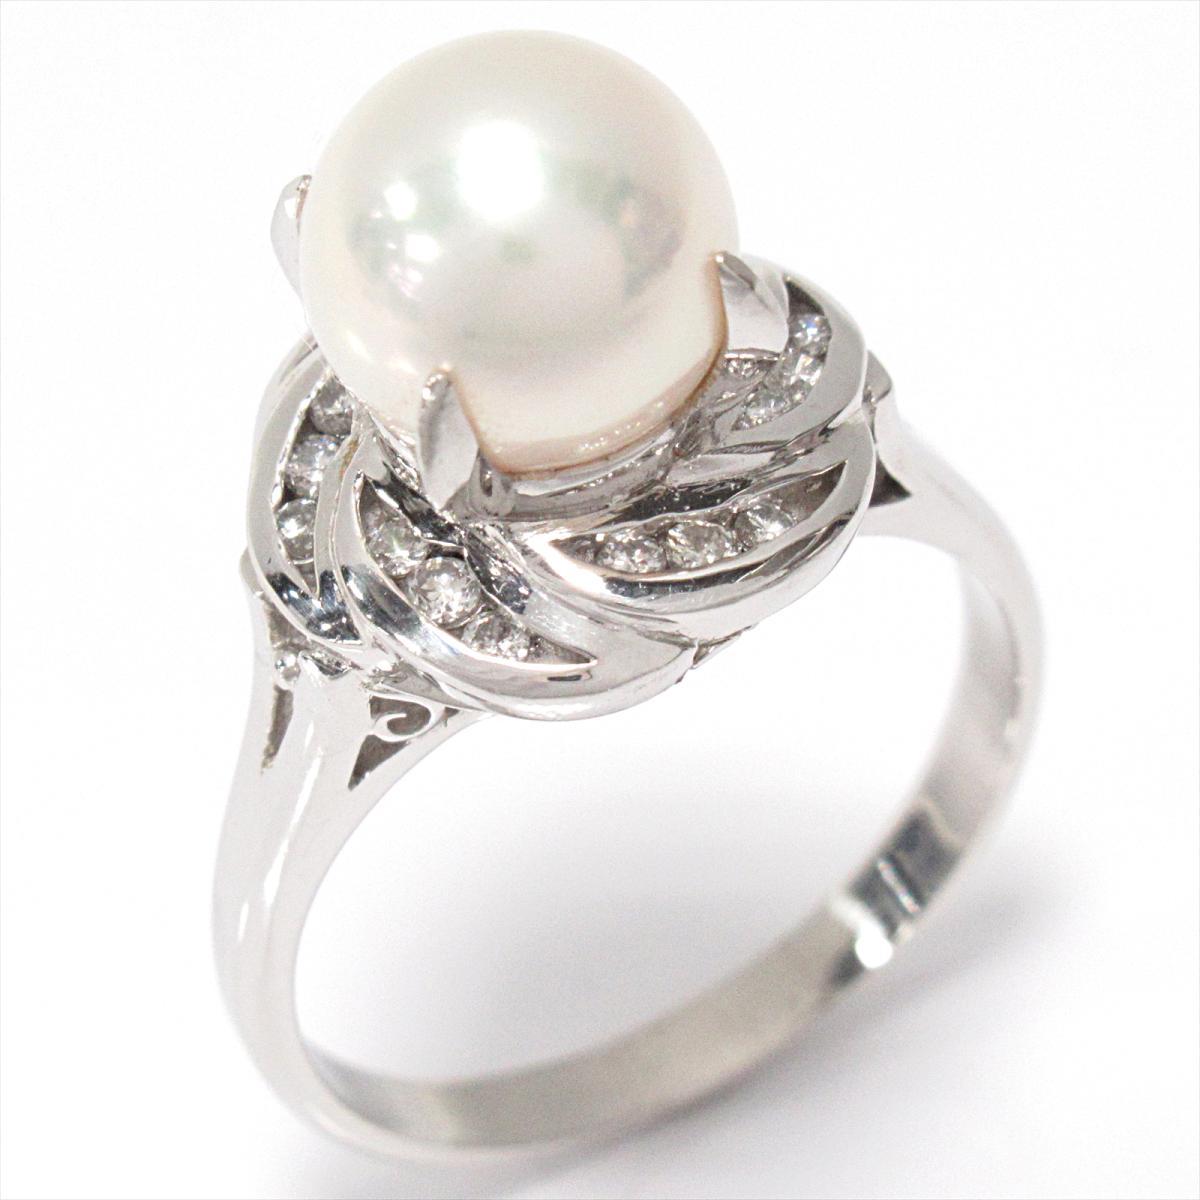 【中古】 ジュエリー パールリング 指輪 レディース PT900 プラチナ x パール ダイヤモンド (0.20ct)   JEWELRY BRANDOFF ブランドオフ ブランド アクセサリー リング